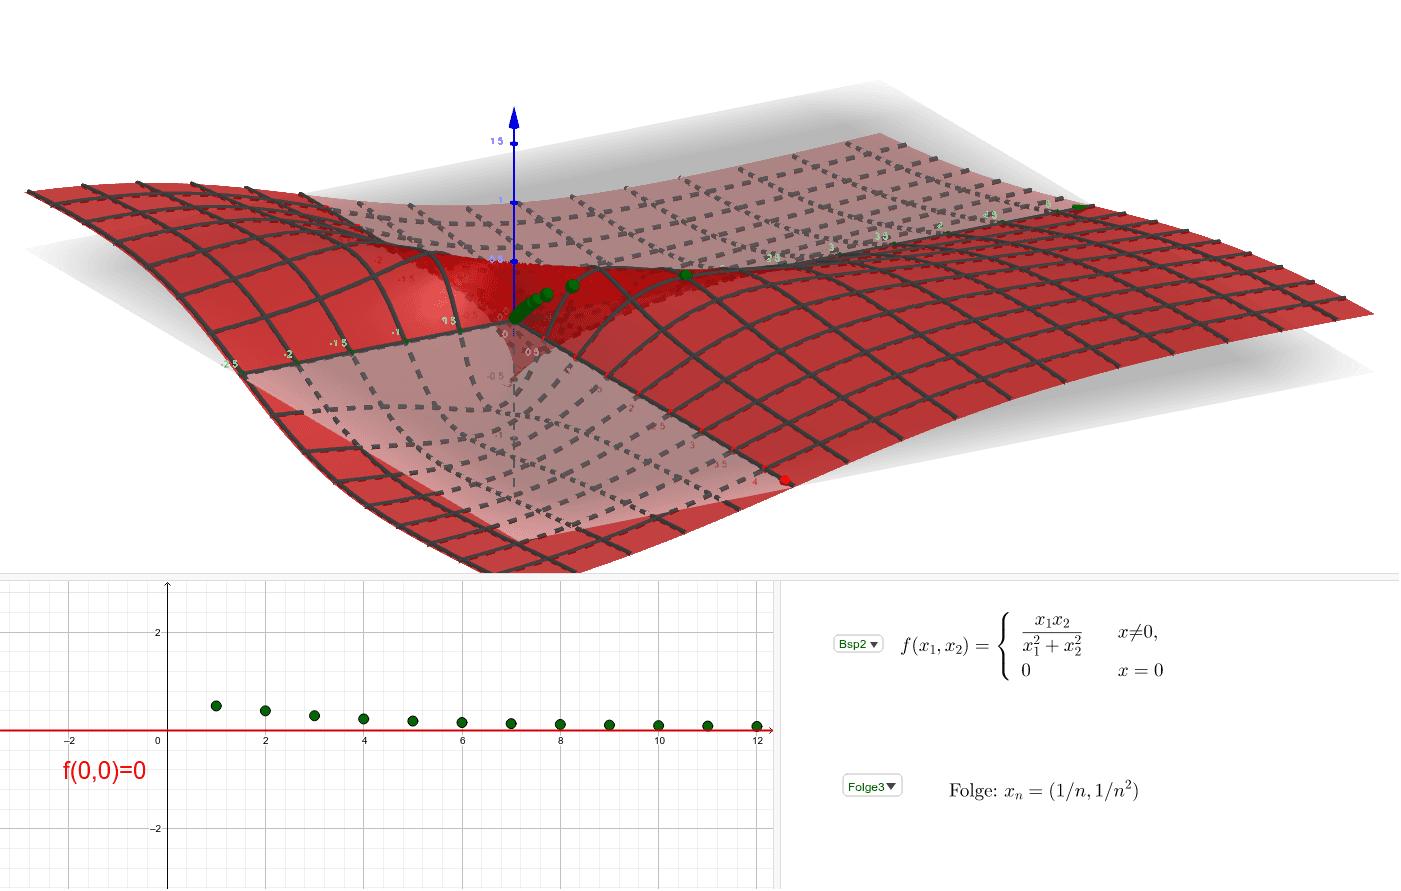 Folgenstetigkeit für Funktionen in zwei Variablen Drücke die Eingabetaste um die Aktivität zu starten